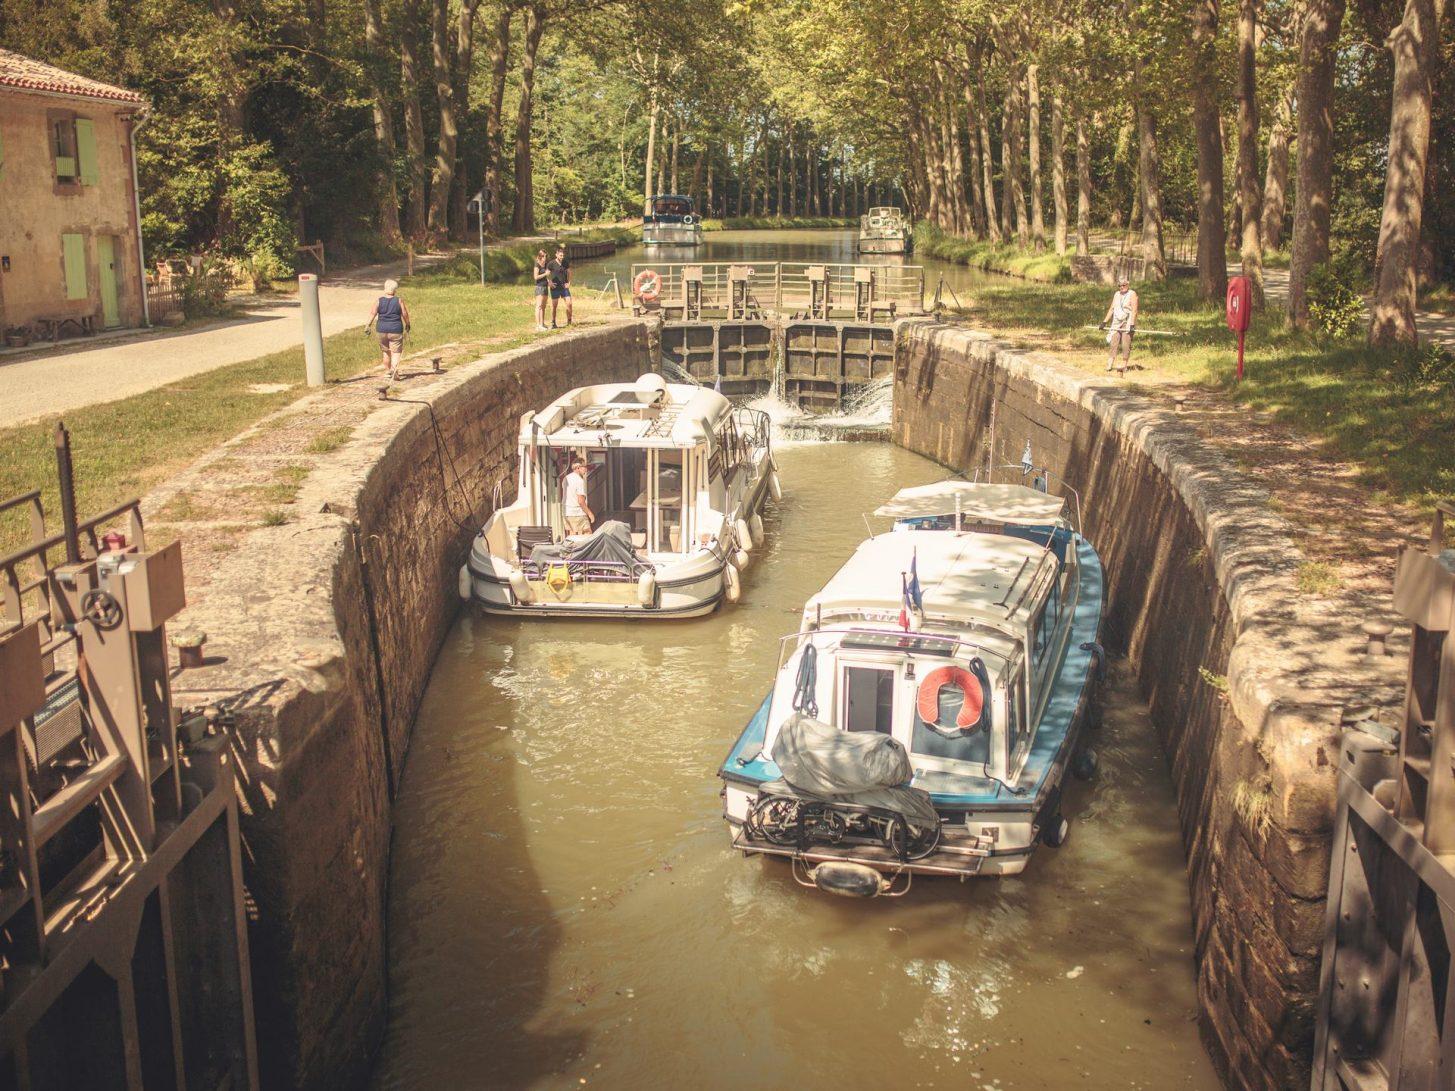 Passage d'écluse au Mas Saintes Puelles, sur le canal du Midi © Vincent Photographie, ADT de l'Aude